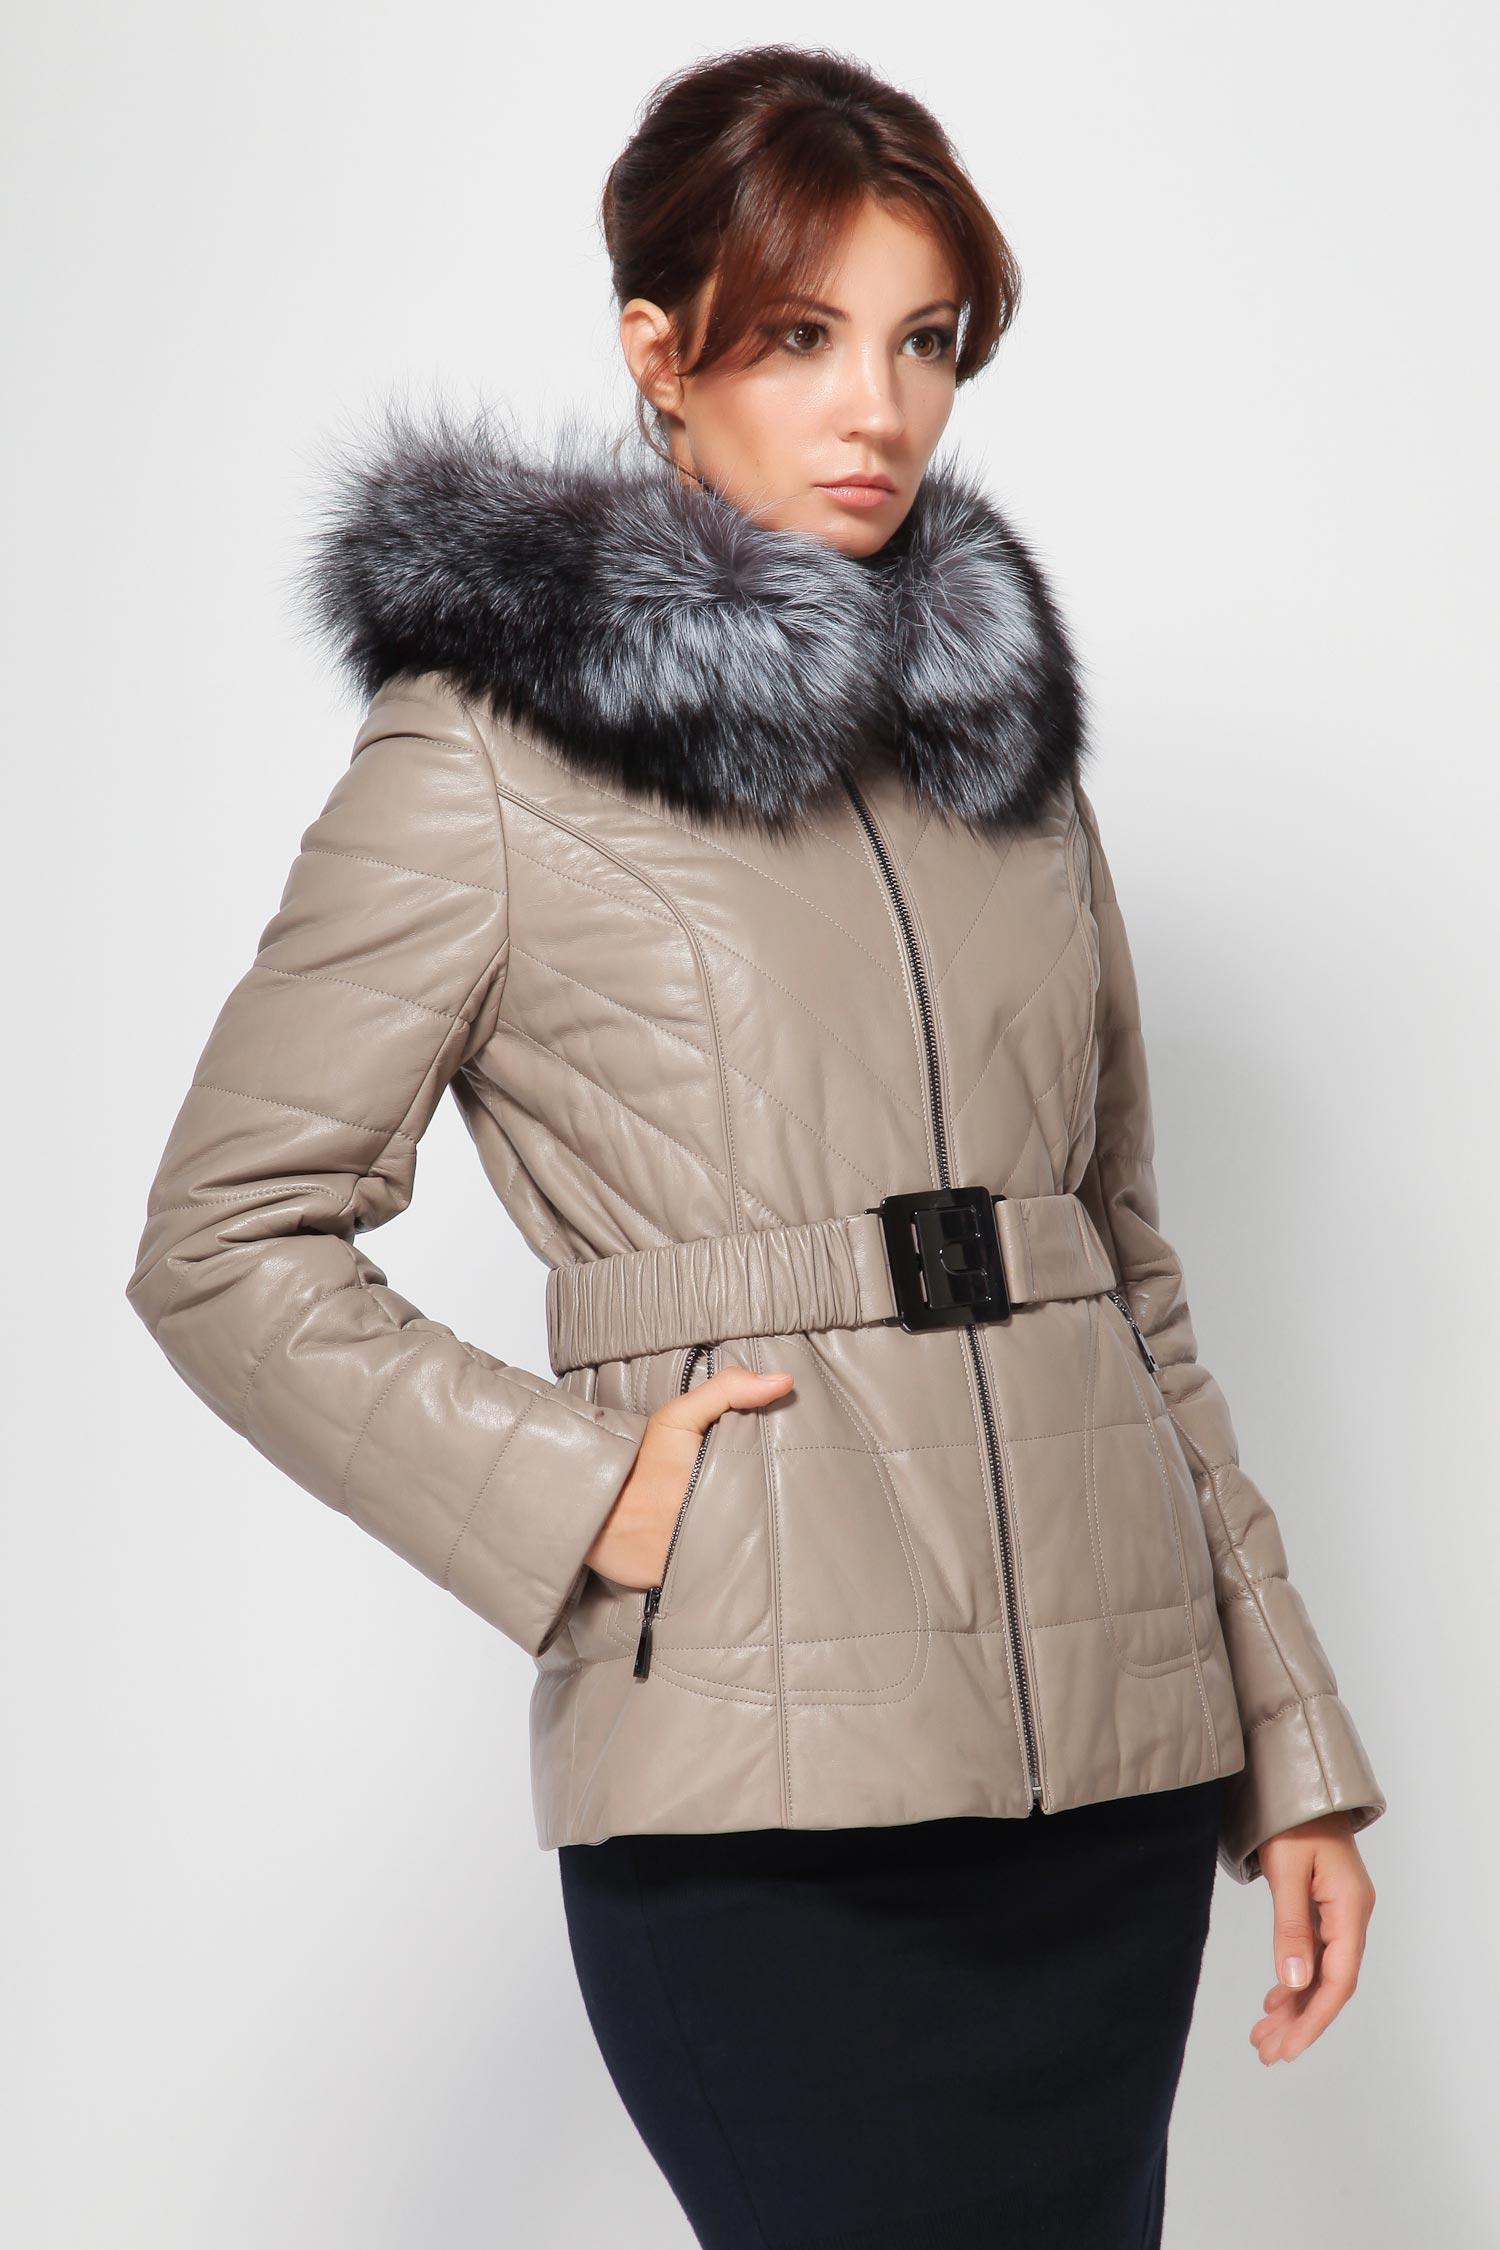 Женская кожаная куртка из натуральной кожи с капюшоном, отделка лиса<br><br>Воротник: Капюшон<br>Длина см: 65<br>Материал: Плонже<br>Цвет: Бежевый<br>Вид застежки: Лиса<br>Пол: Женский